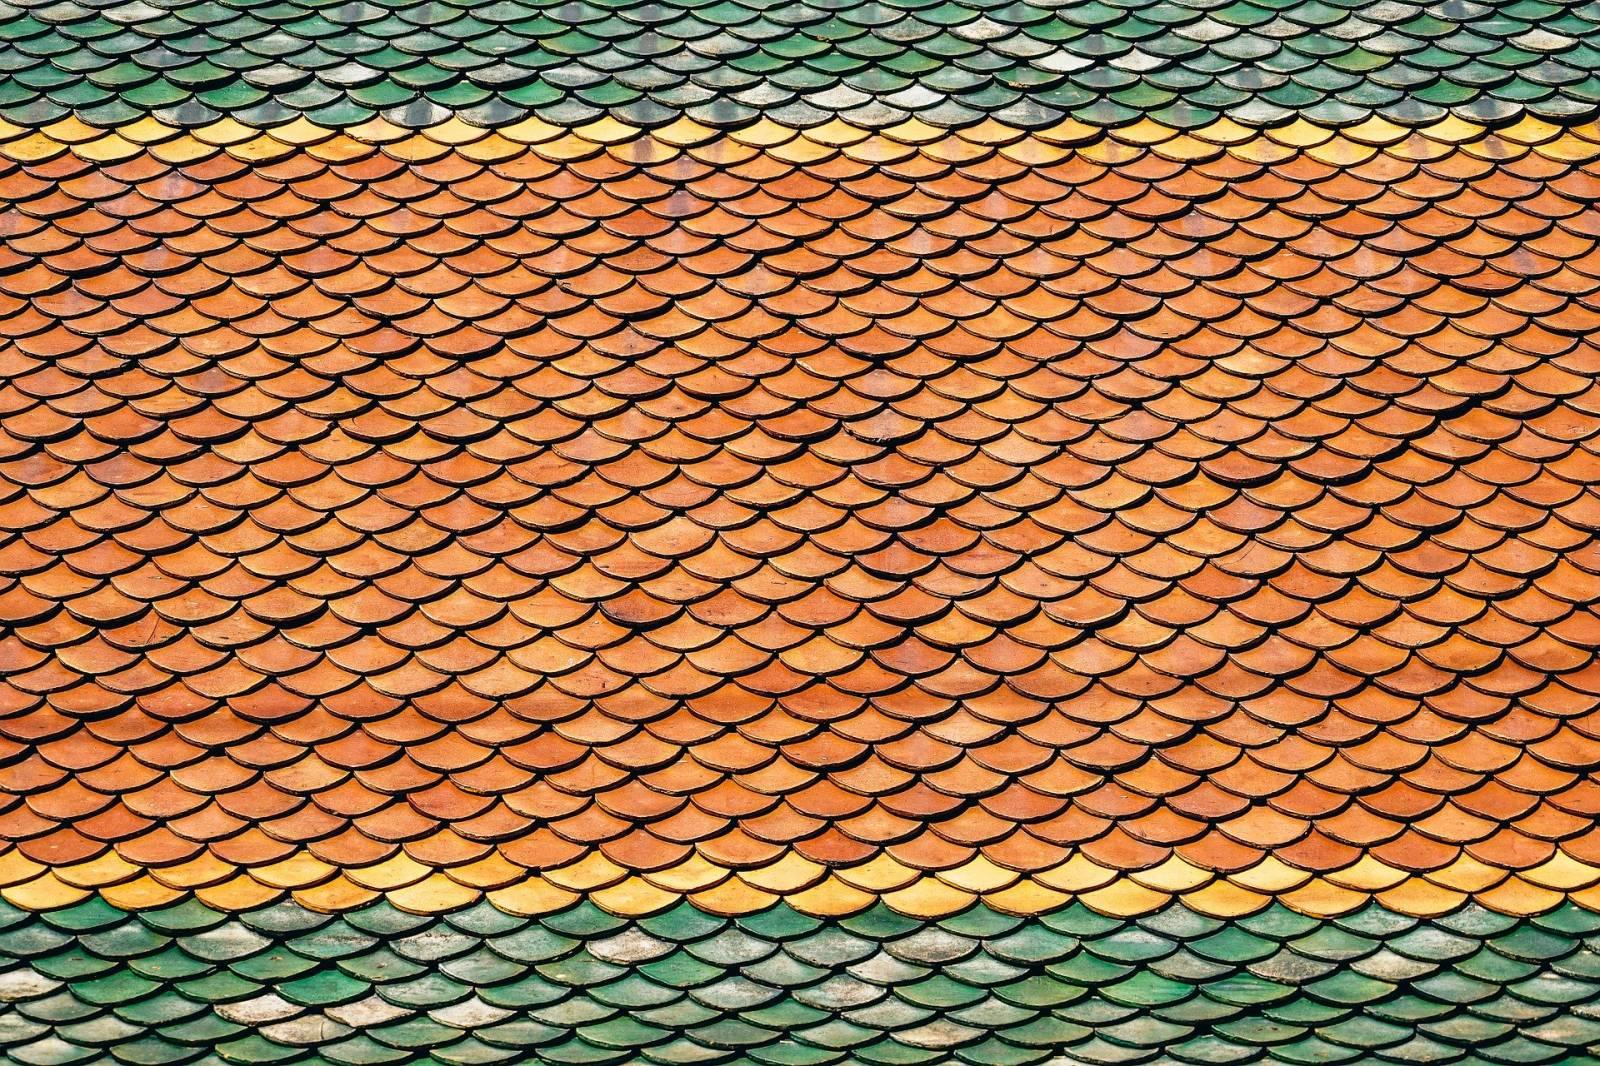 Devis gratuit pour la réfection d'une toiture tuile par un artisan couvreur proche Goderville ...